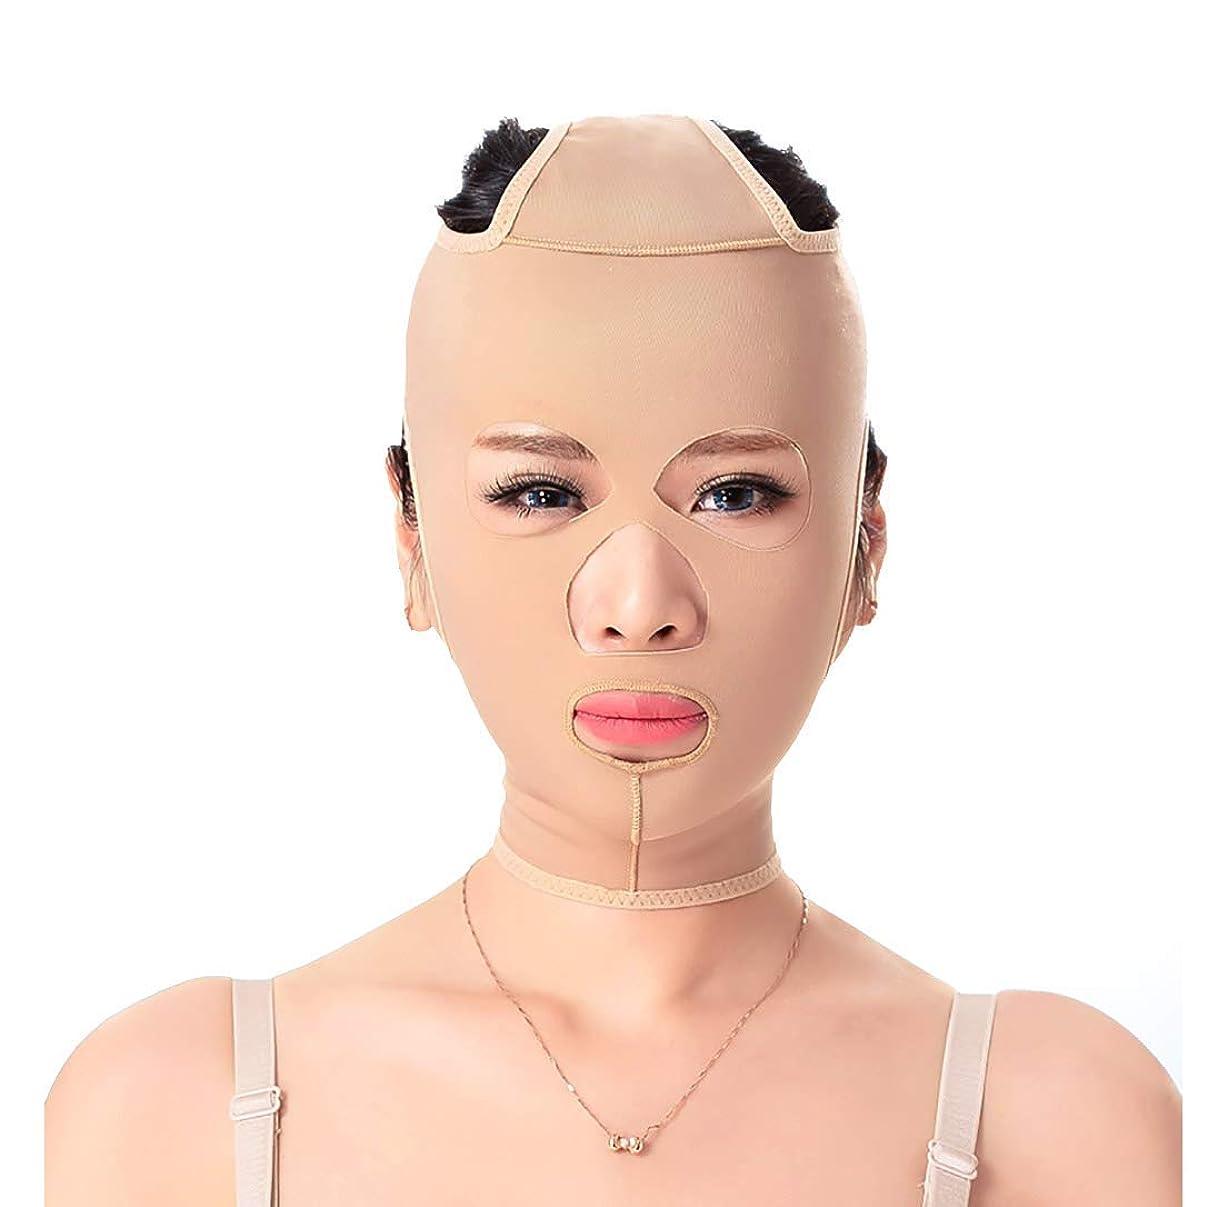 期待する劇場言い聞かせるスリミングベルト、二重あごの引き締め顔面プラスチック顔アーティファクト強力な顔の包帯を脇に持ち上げるパターンを欺くためのフェイシャルマスク薄いフェイスマスク(サイズ:XXL),M